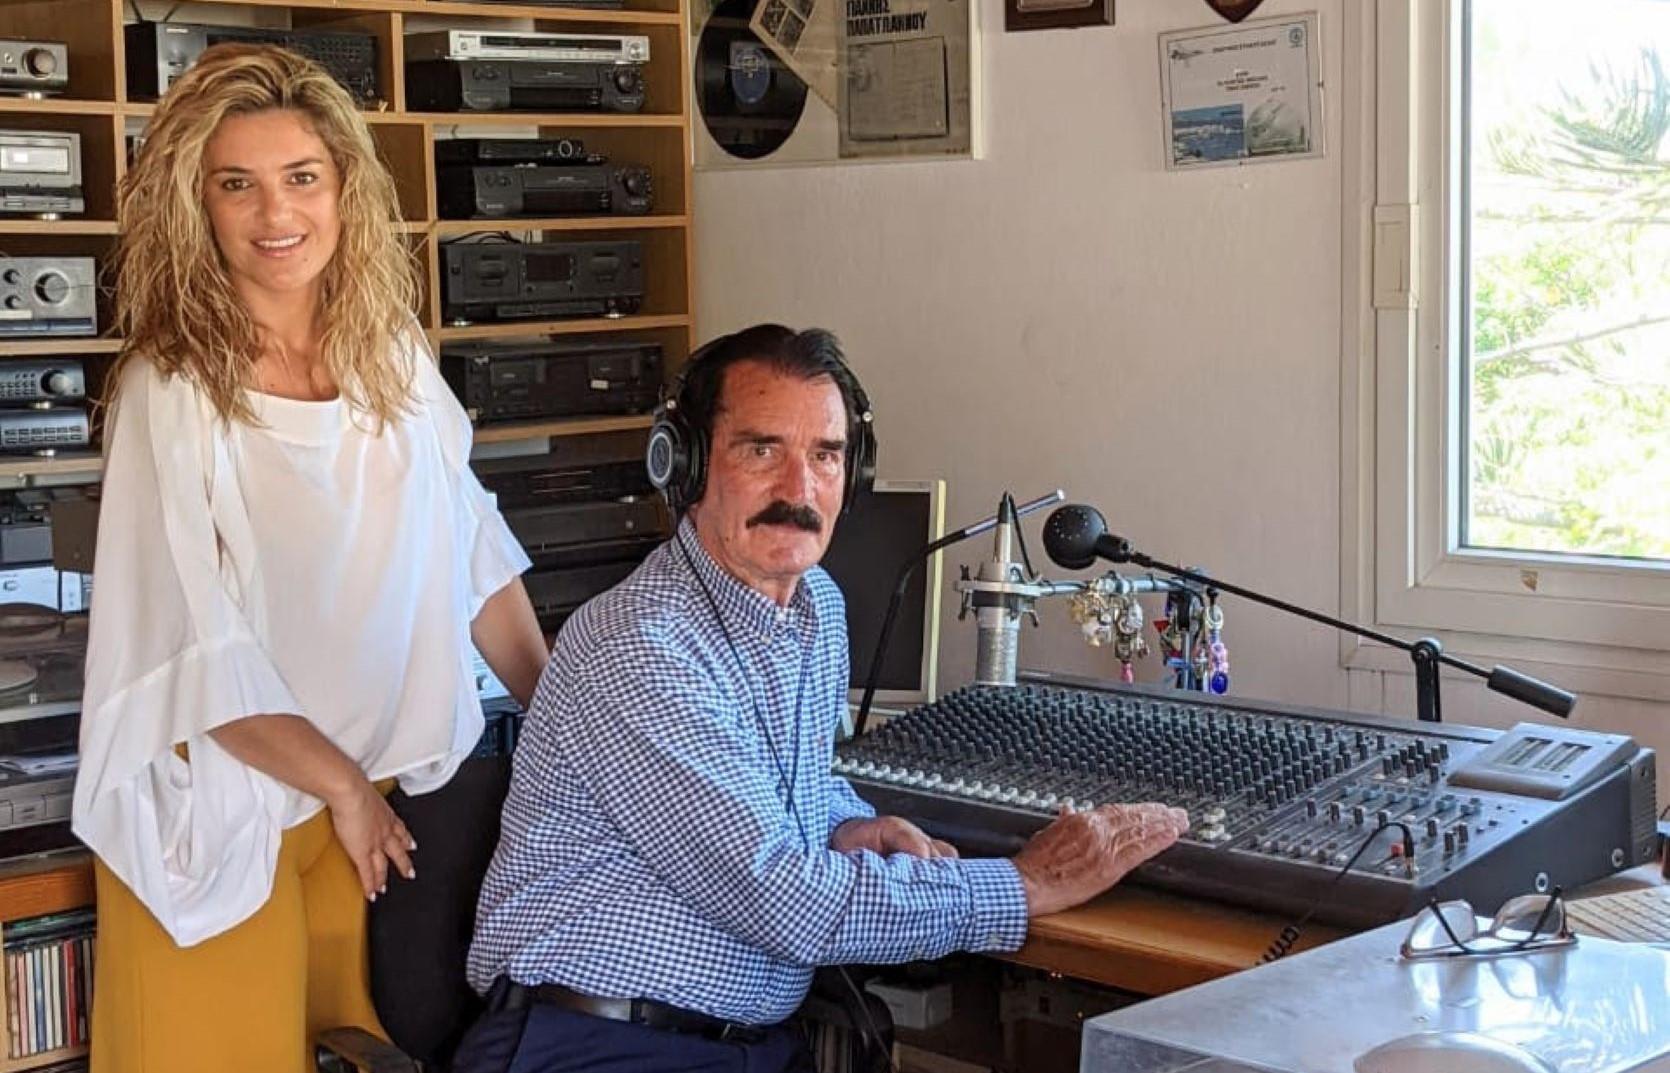 Φήμη Κοντιζά: «Το ραδιόφωνο είναι το σπίτι μου»